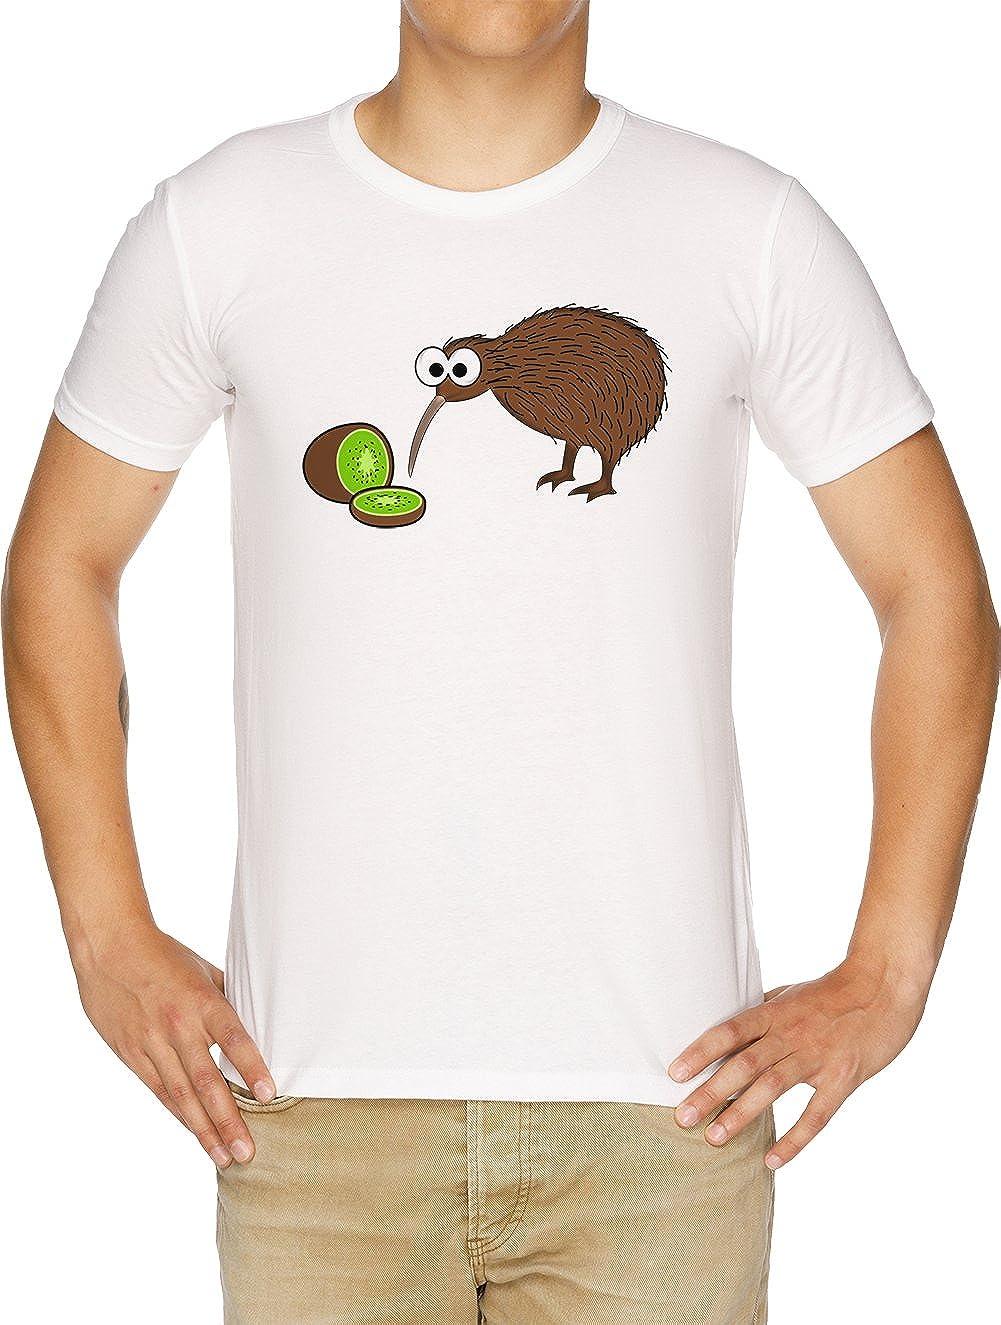 Vendax Kiwi Pájaro Camiseta Hombre Blanco: Amazon.es: Ropa y accesorios